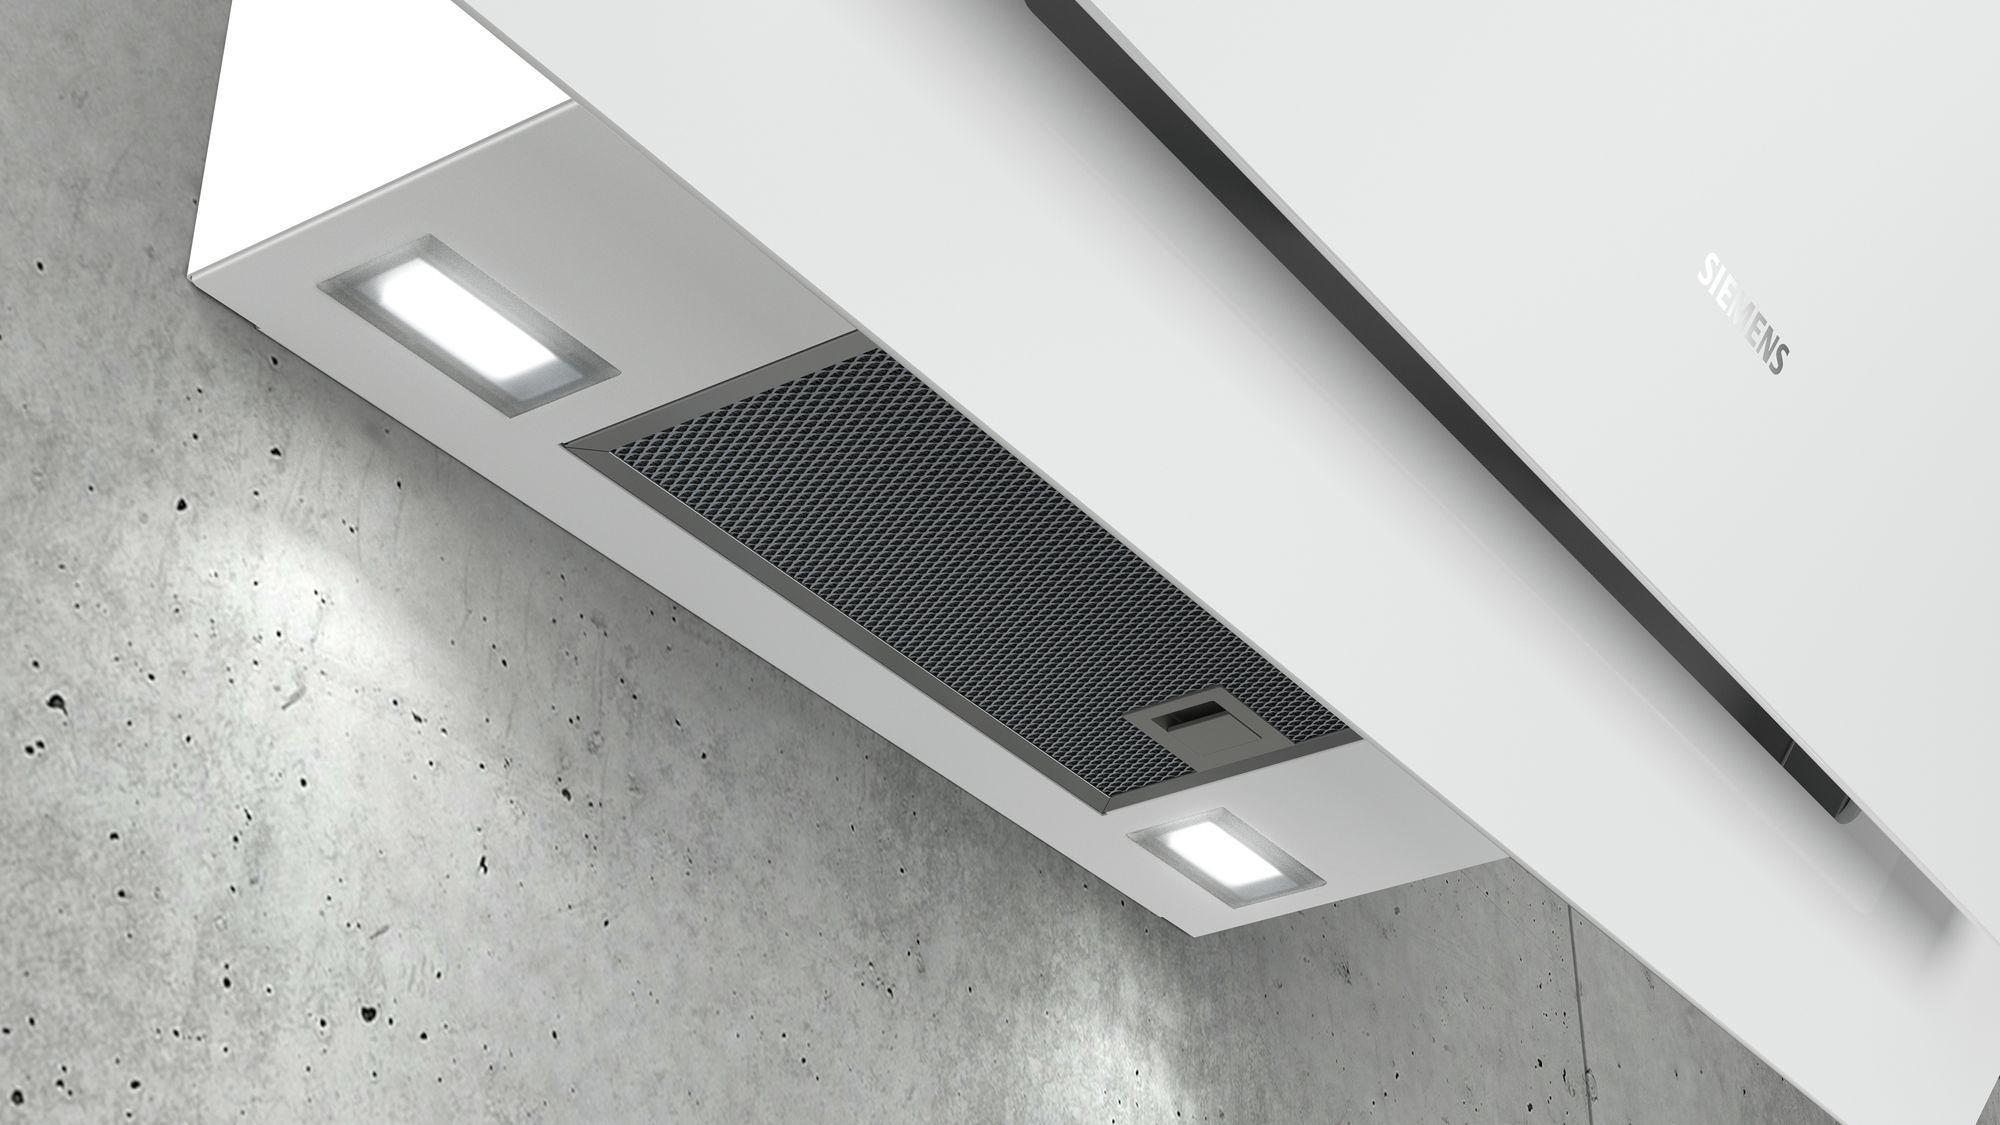 Siemens Kühlschrank 80 Cm Breit : Siemens lc khm wandhaube cm breit ab umluft weiß